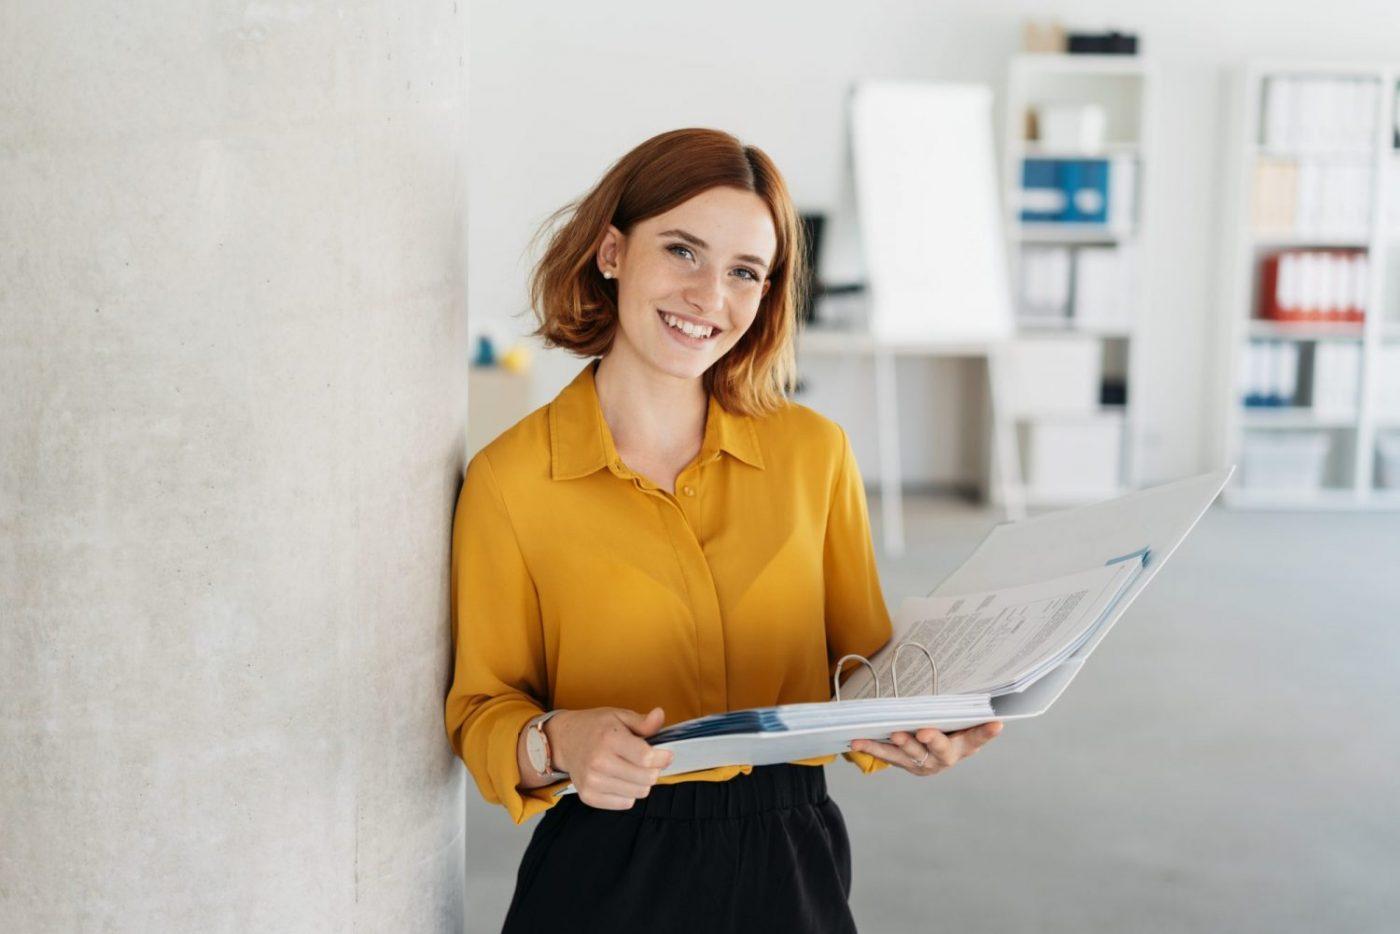 jeune femme rousse, souriante, tenant un classeur